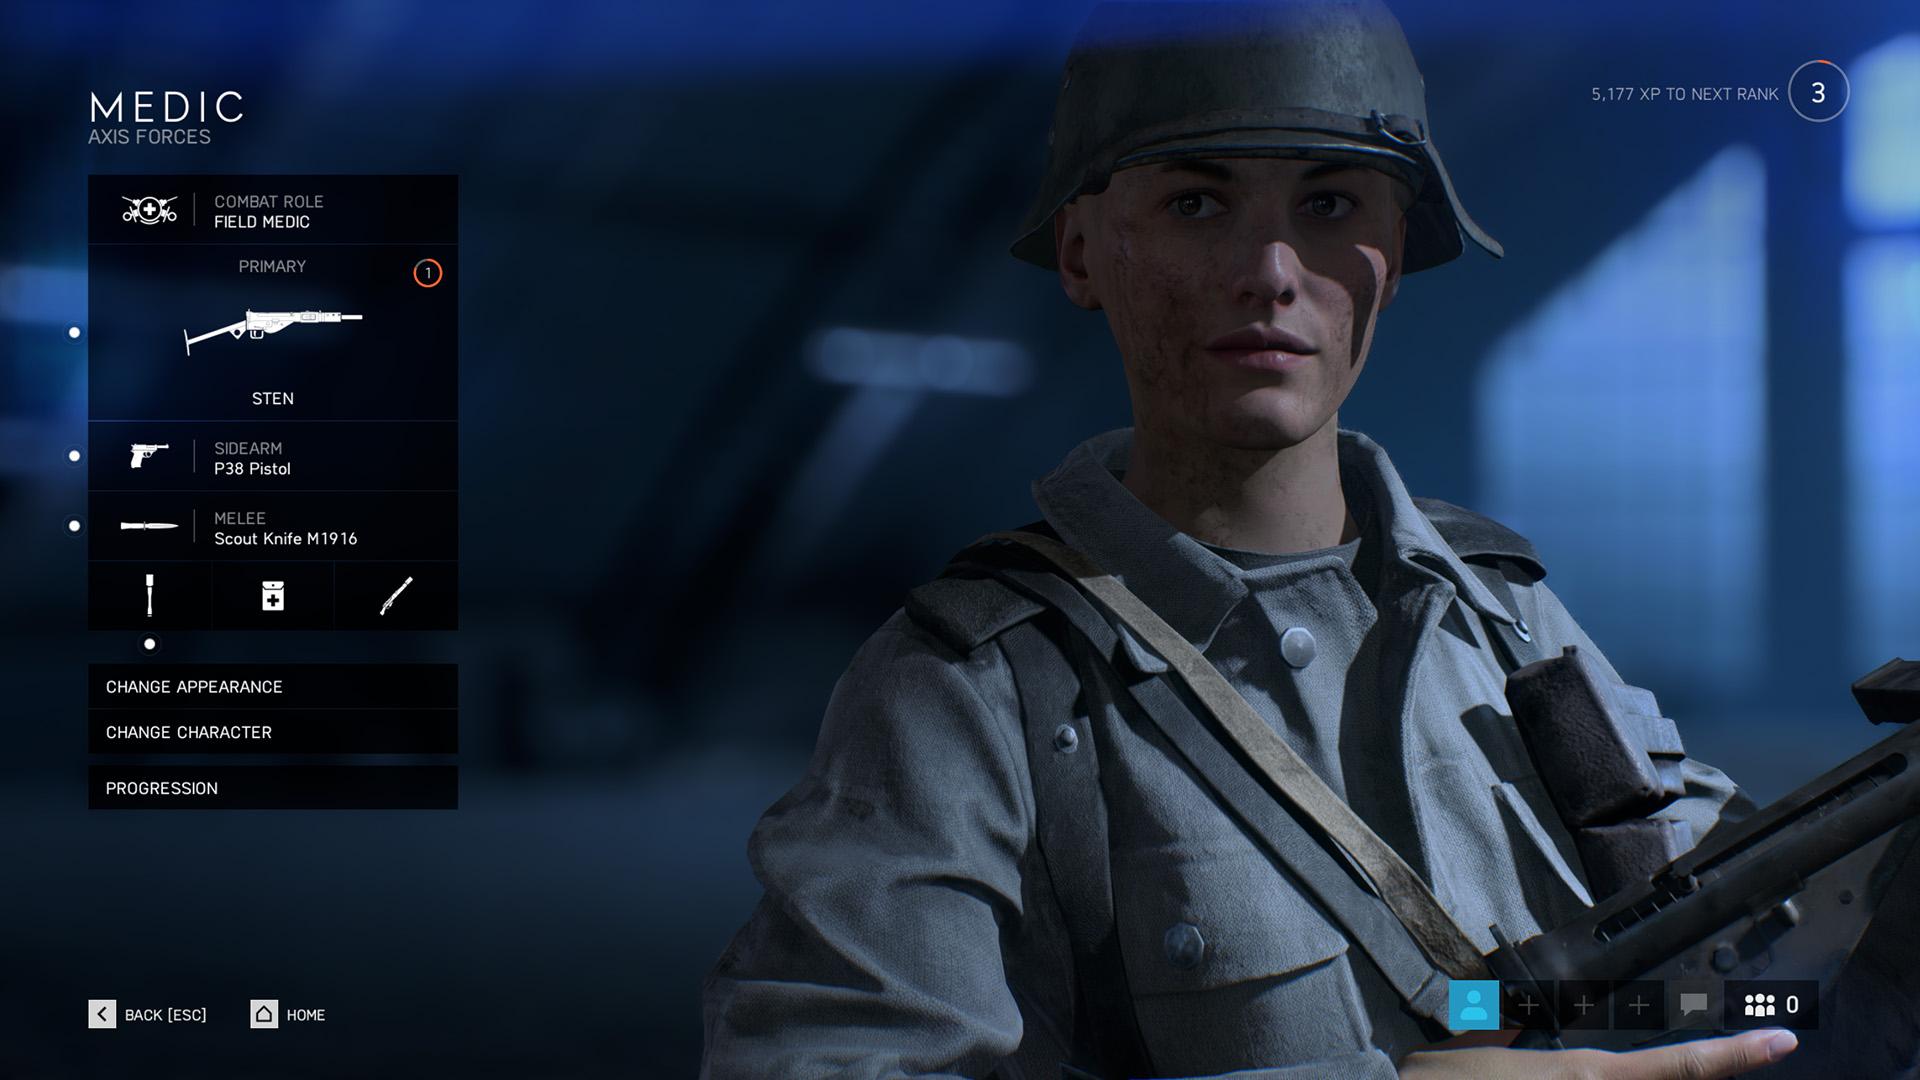 Battlefield V Screenshot 2018_0028_Battlefield V Screenshot 2018.11.11 - 20.31.30.35.jpg